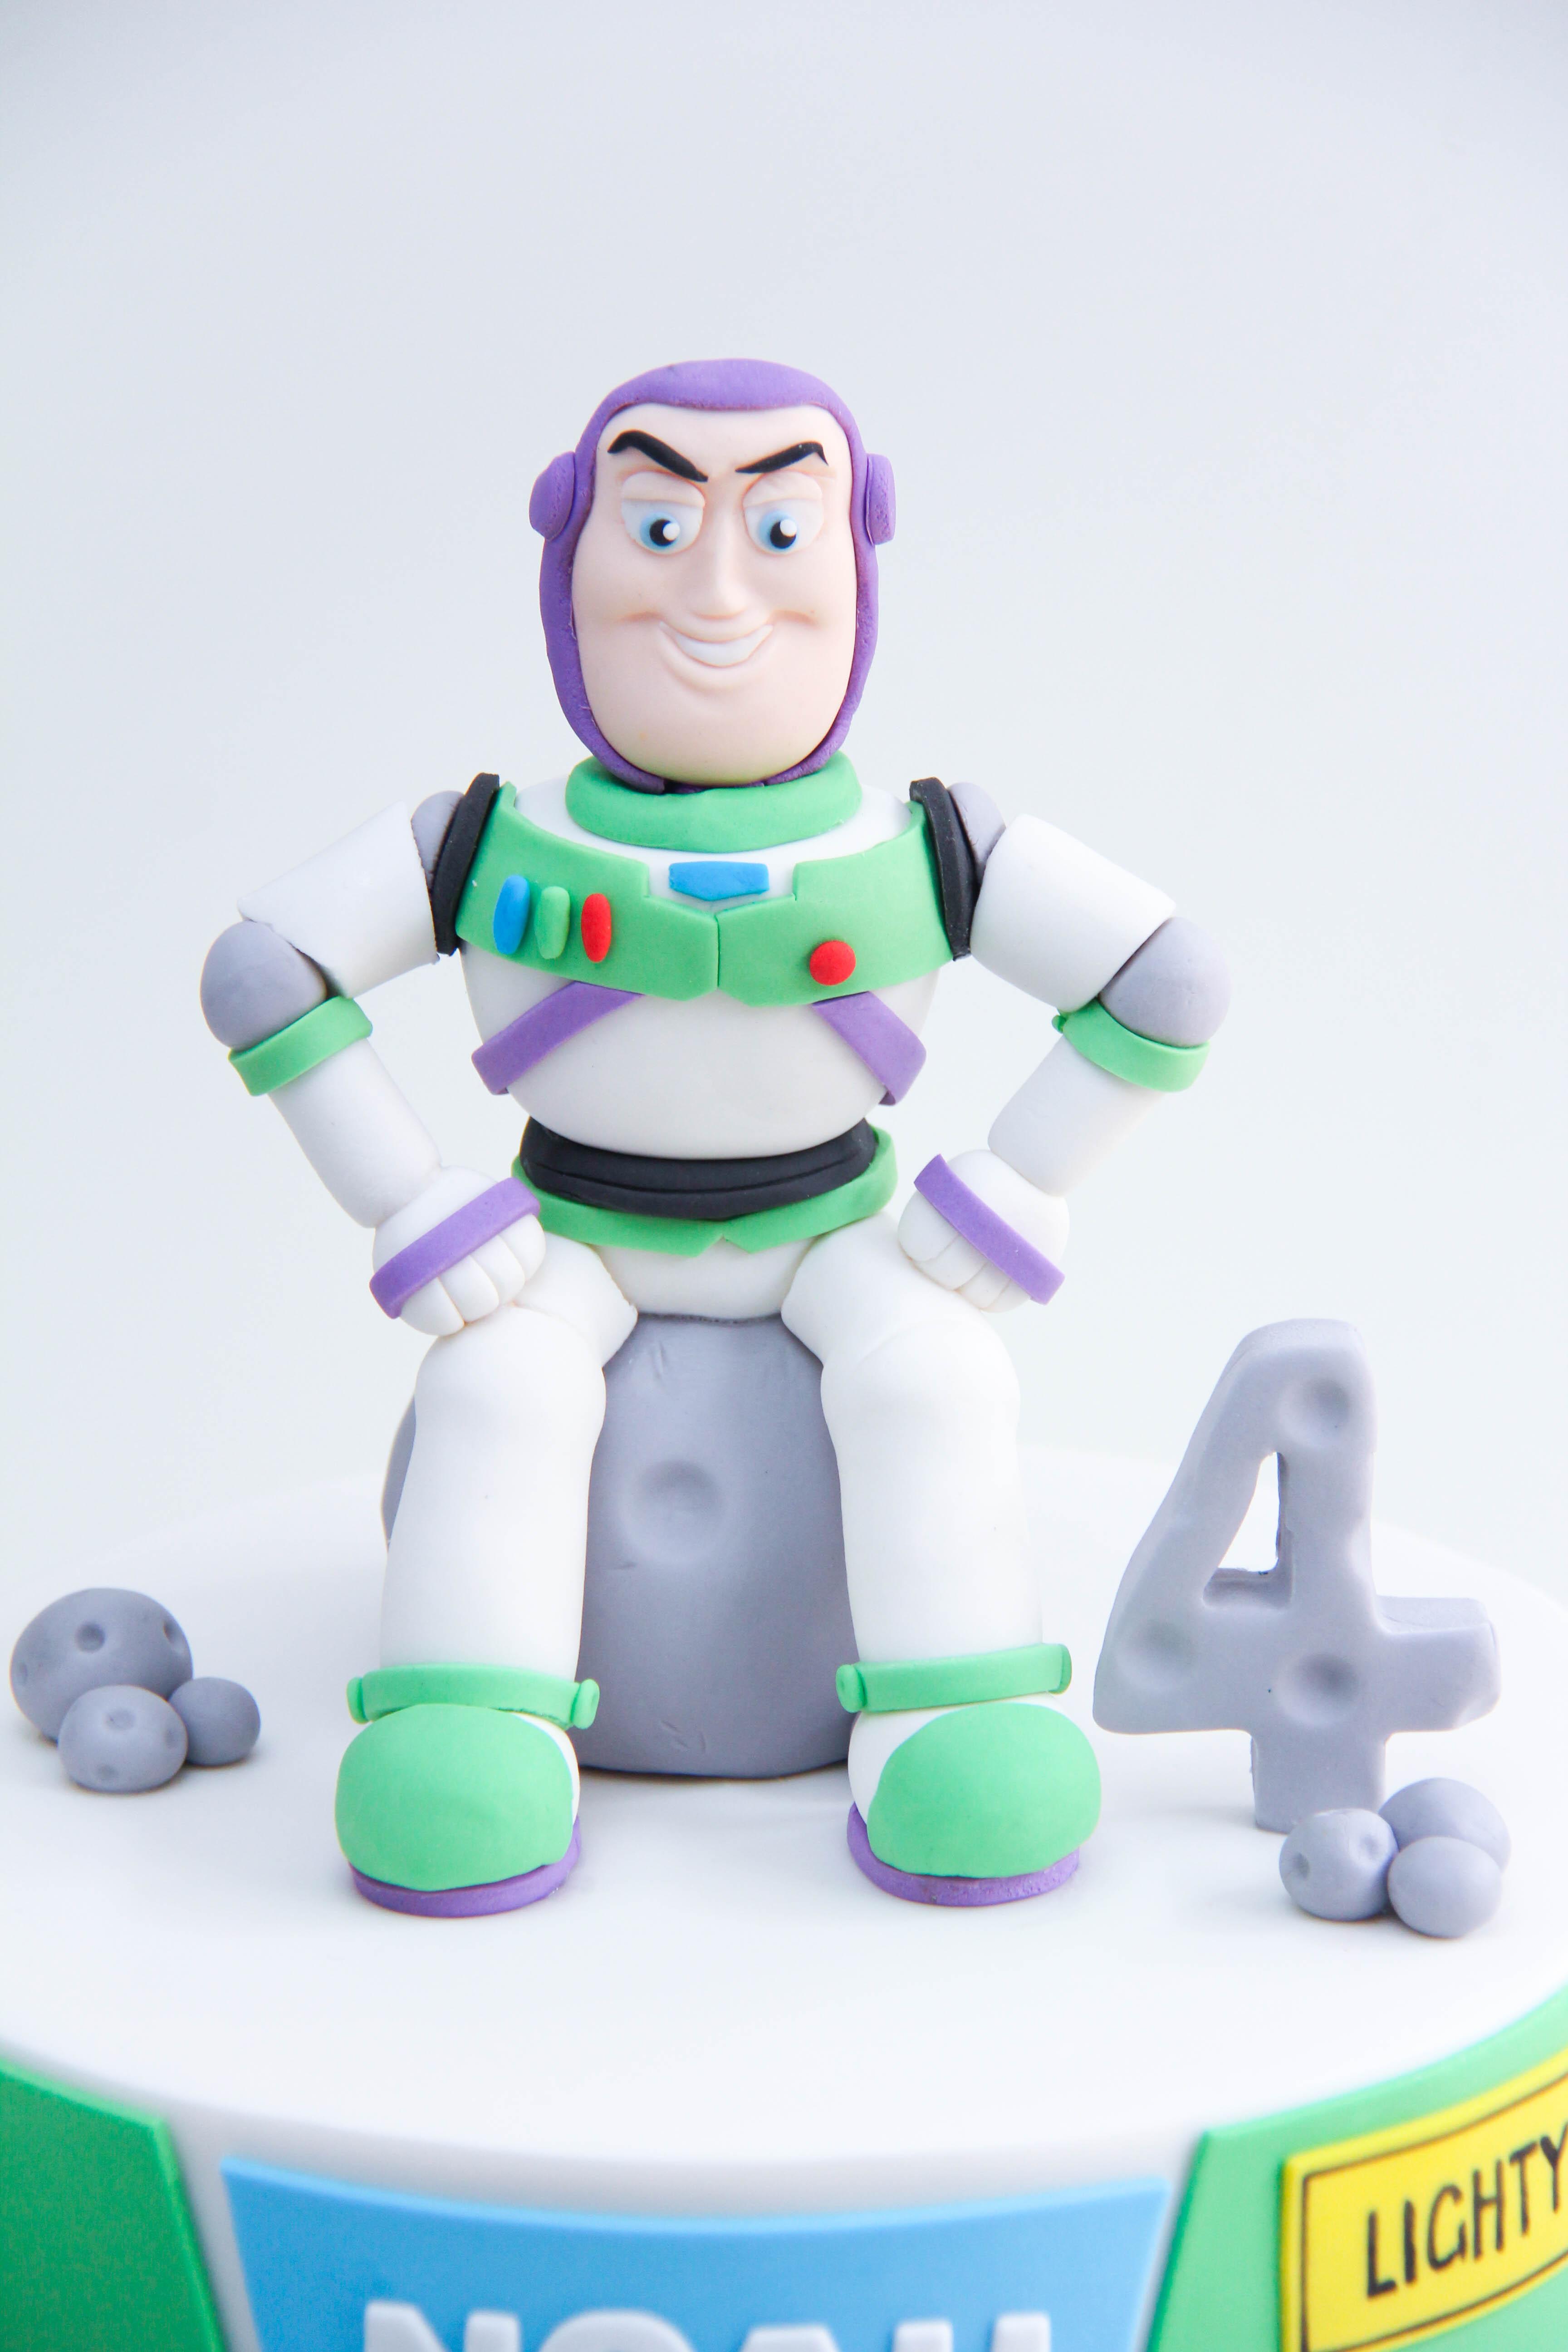 Fondant Buzz lightyear